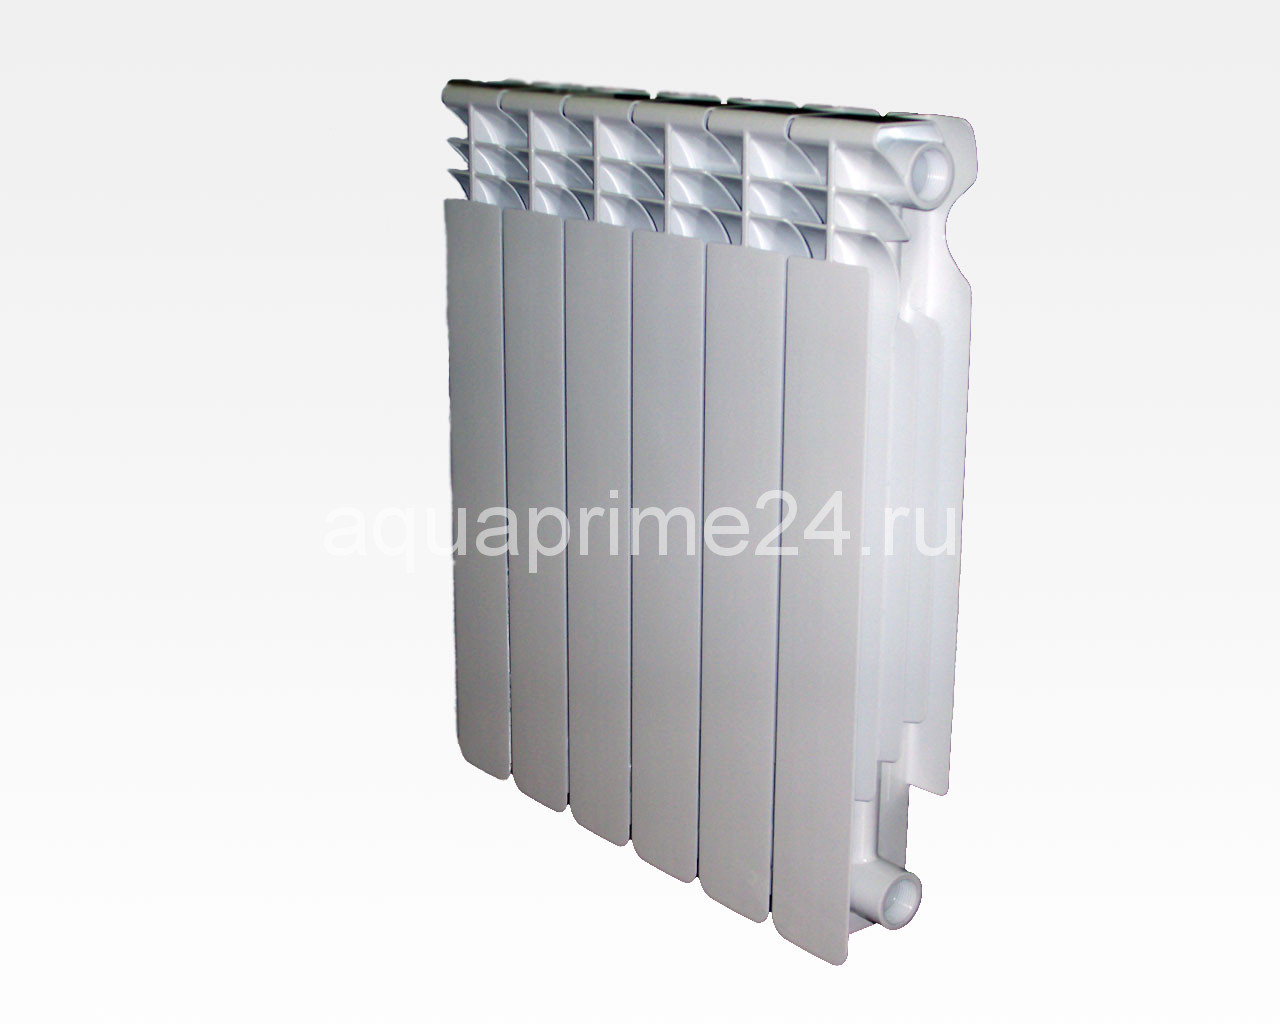 Радиаторы NT CВМ 500